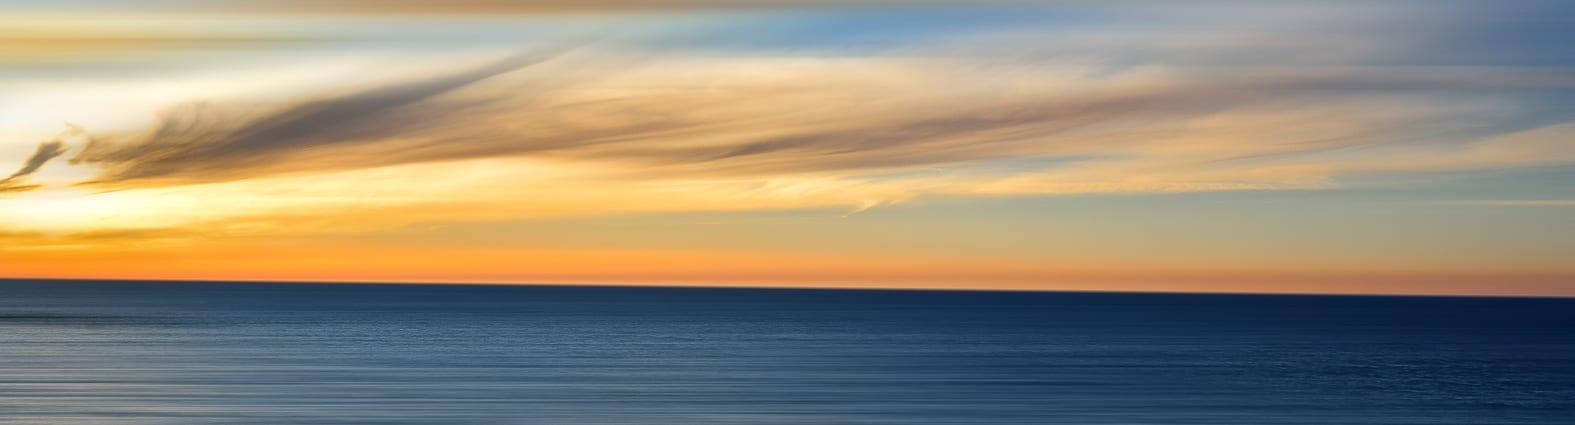 Horizon - 2514